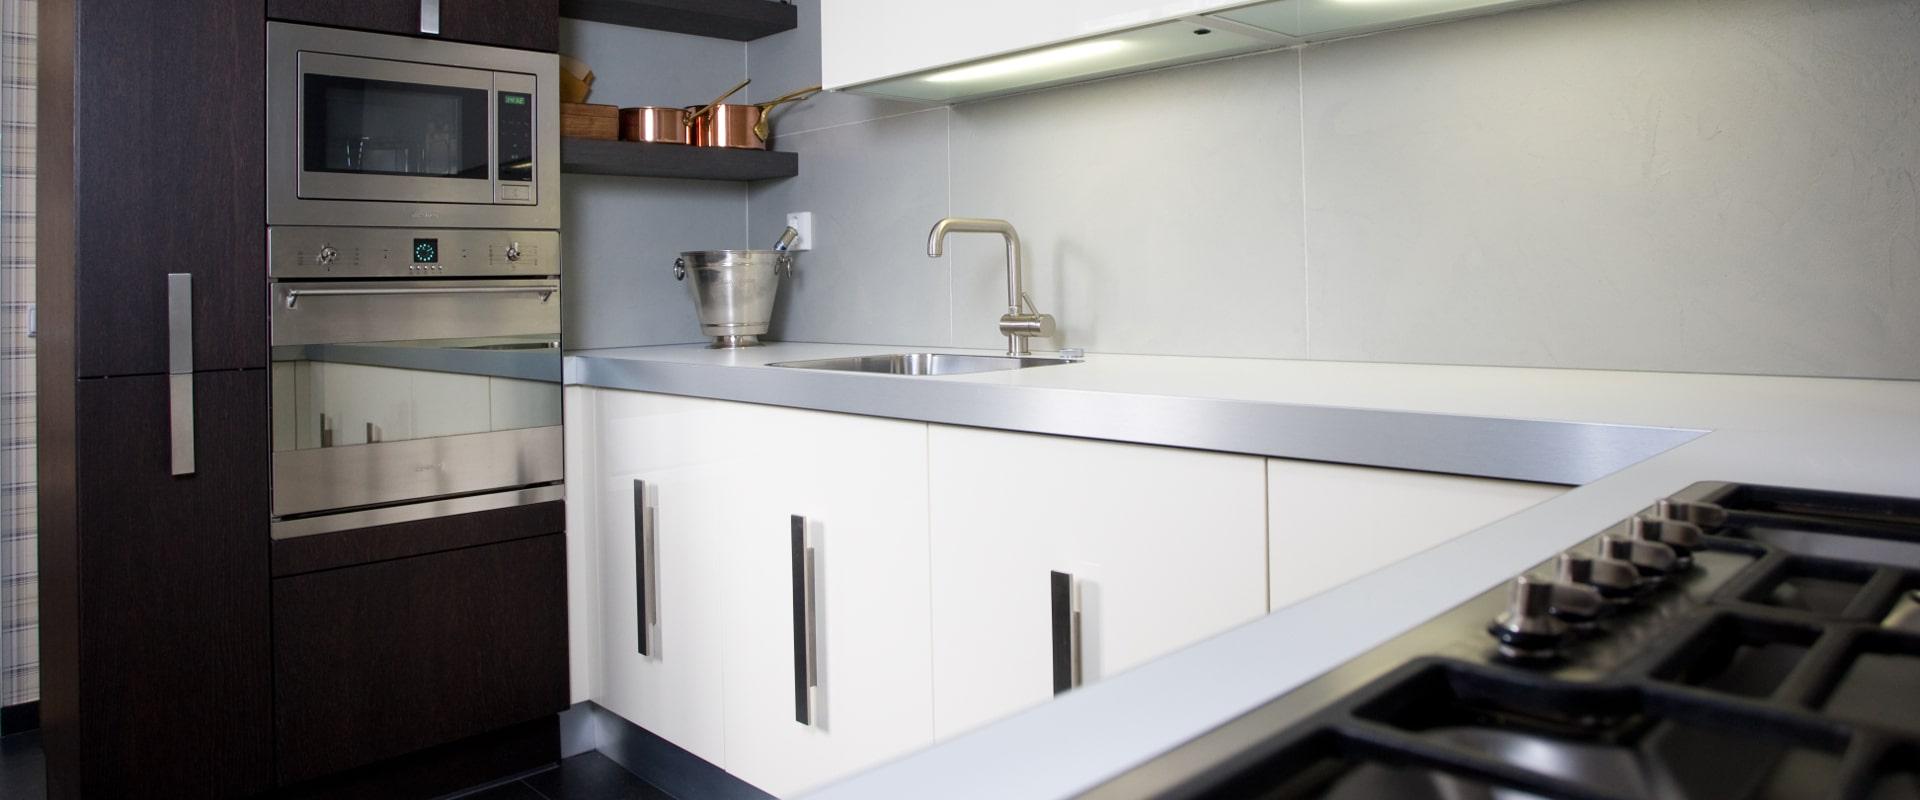 Mooie keuken in een bijzonder huis - Keuken ontwikkeling m ...